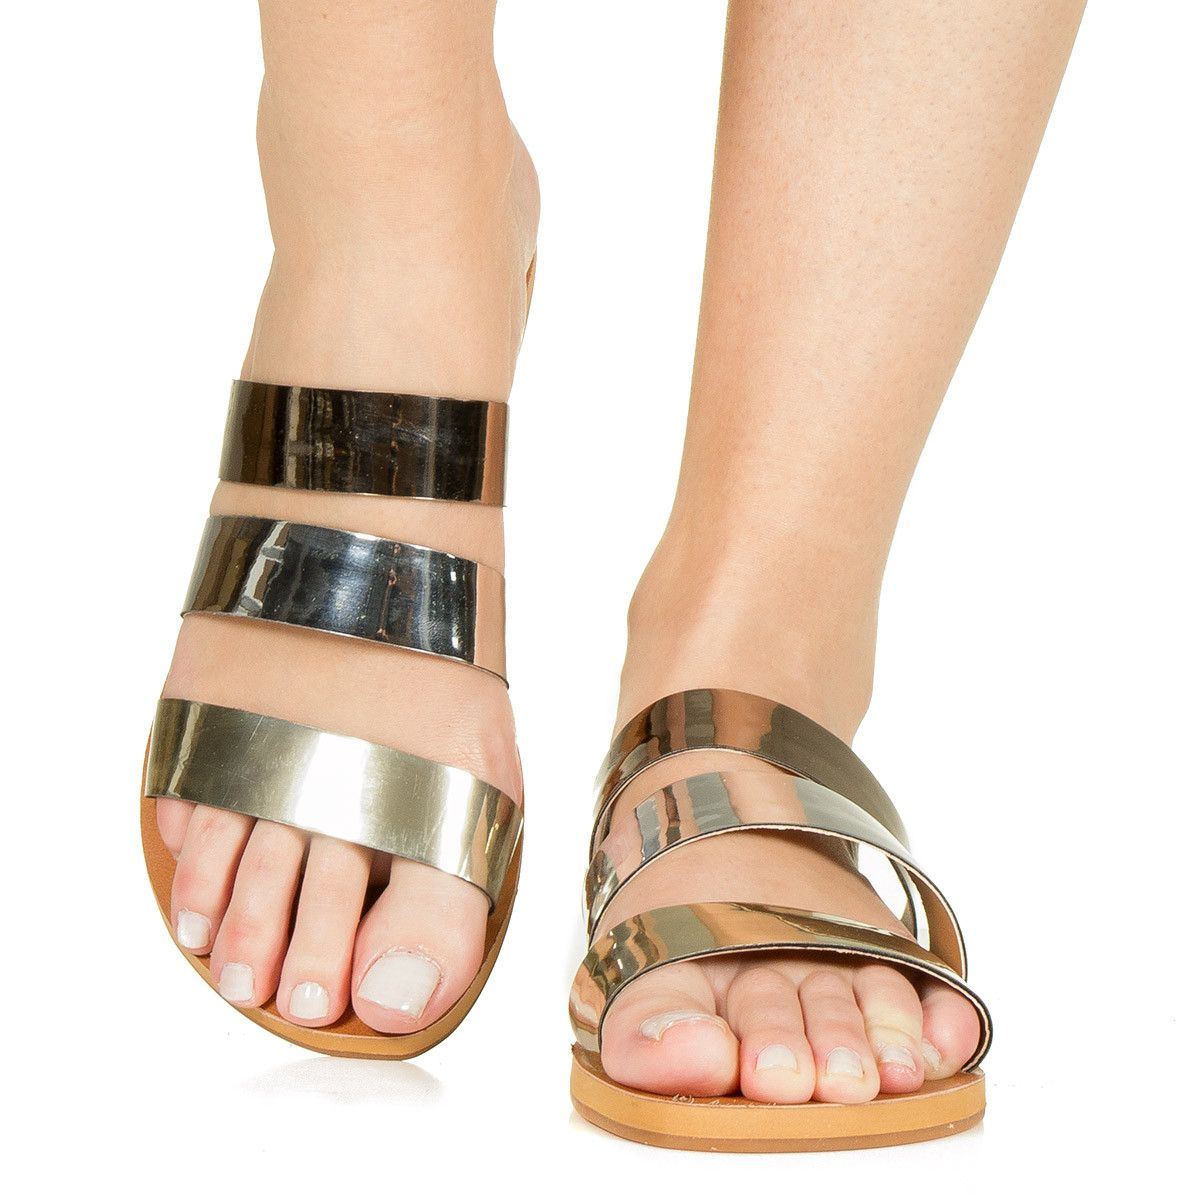 bb714d08c Rasteira com Tiras Ouro Prata e Grafite Taquilla - Taquilla - Loja online  de sapatos femininos